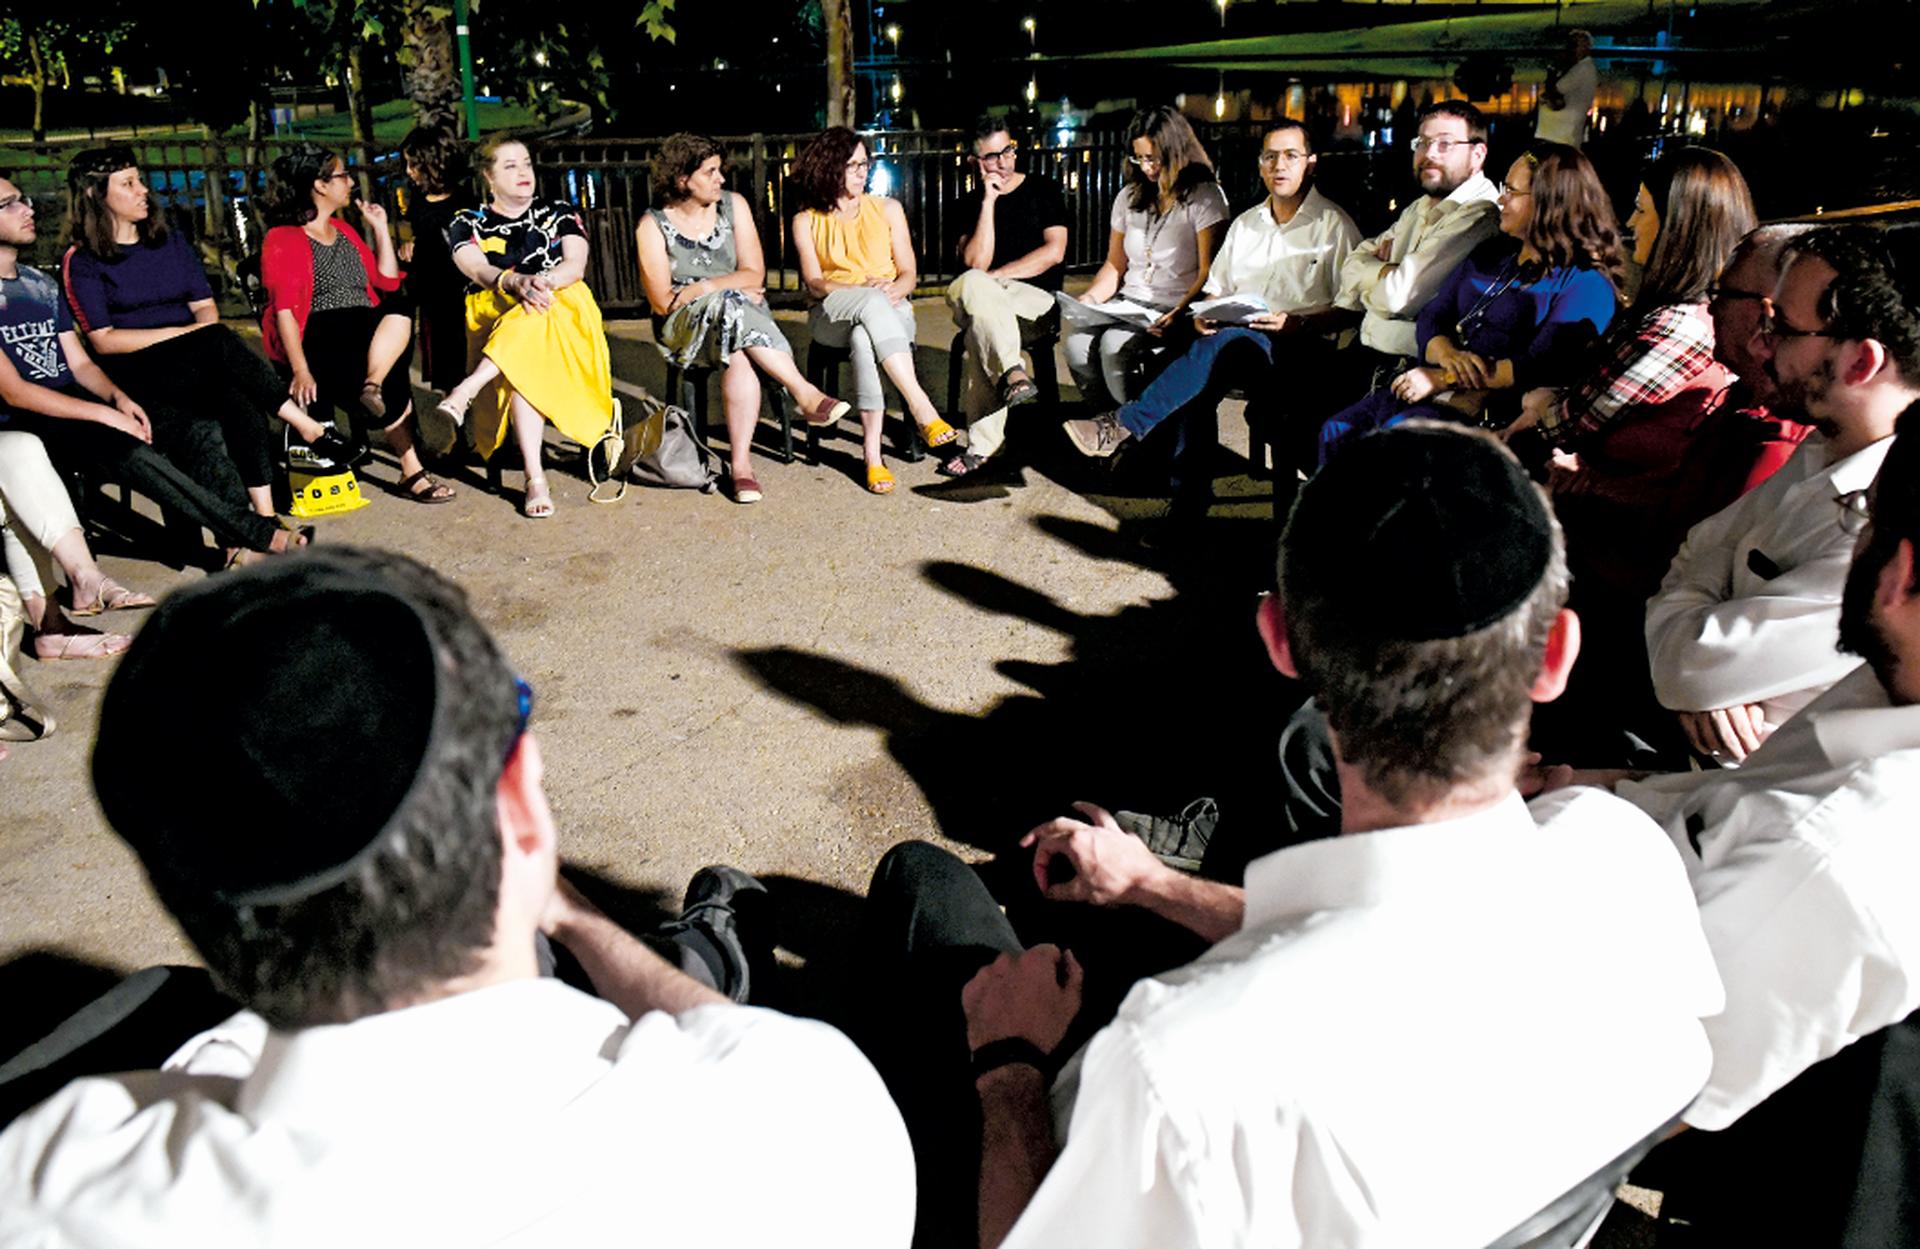 המפגש בפארק ענבה. צילום: חורחה נובומינסקי